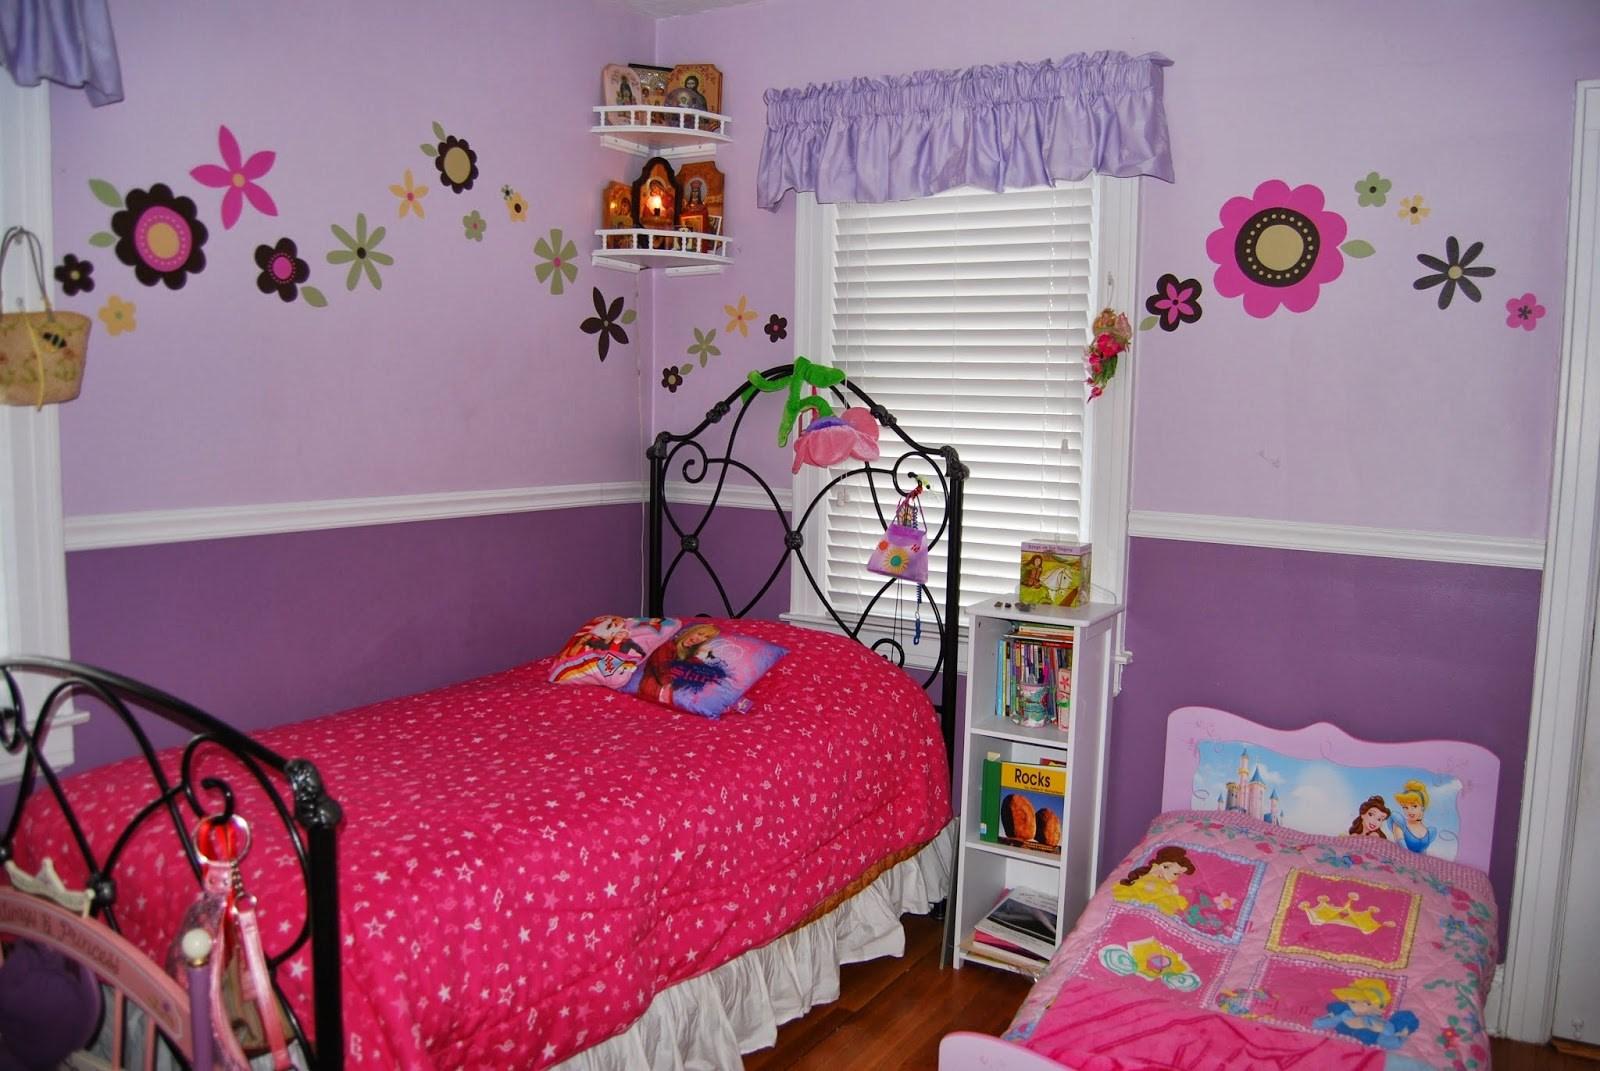 106 Wallpaper Dinding Kamar Anak Perempuan Remaja Desain Kamar